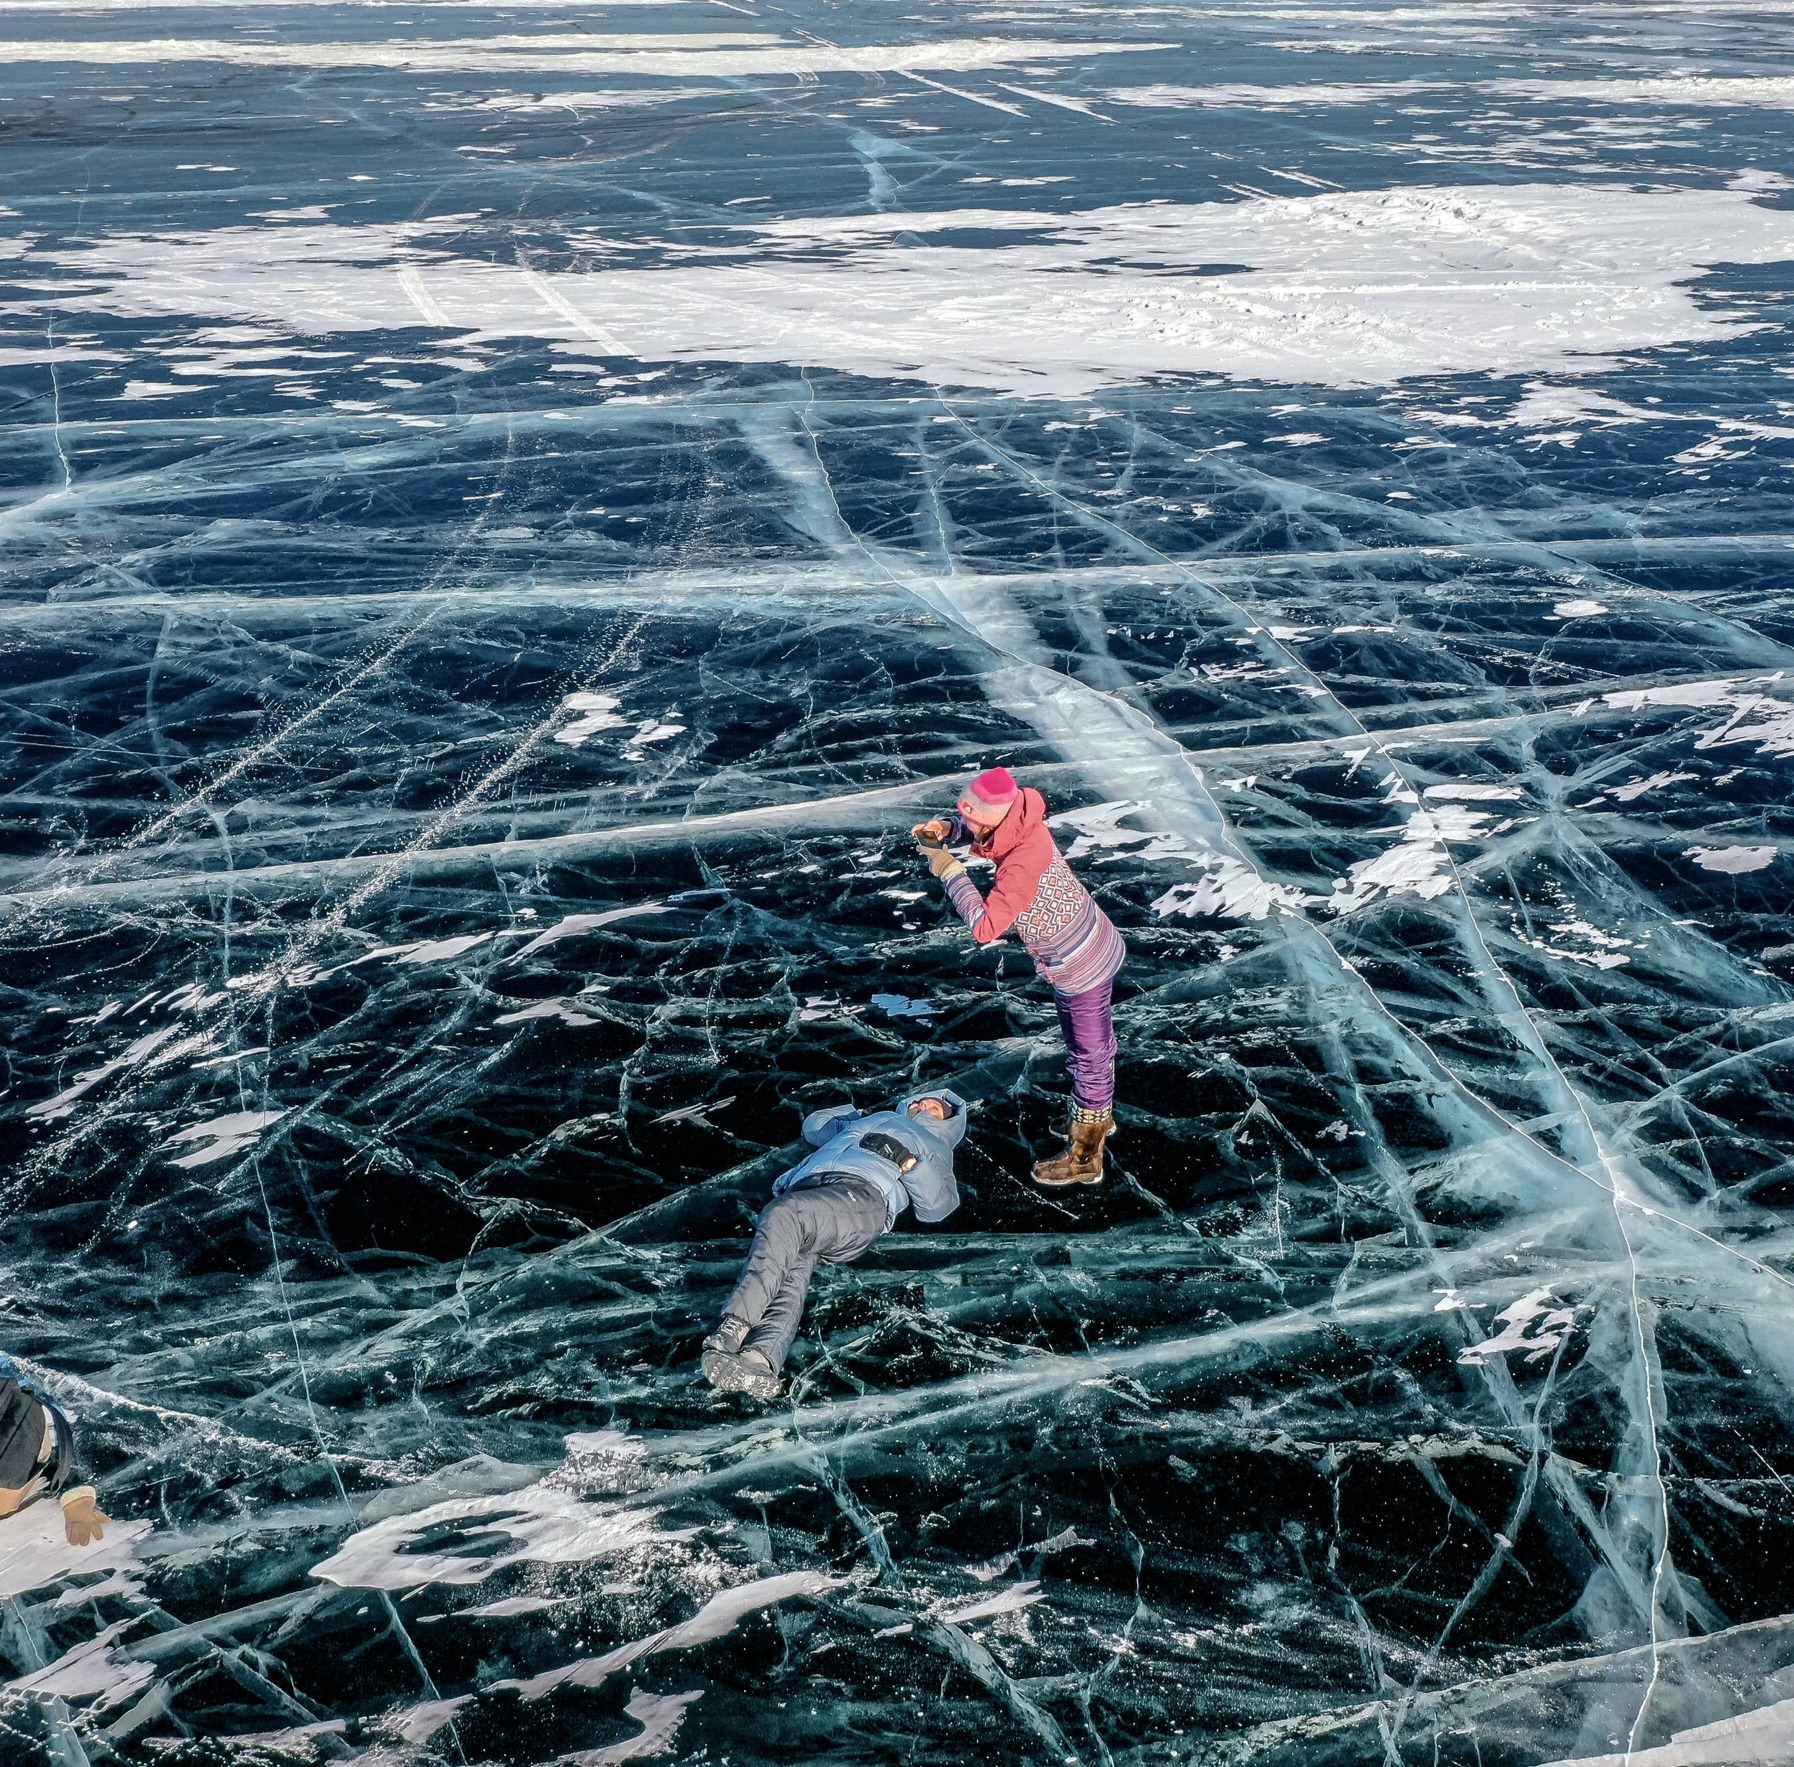 """Hồ Baikal lãng mạn thế nào mà """"góp mặt"""" trong bộ phim đình đám Hometown Cha-Cha-Cha?"""